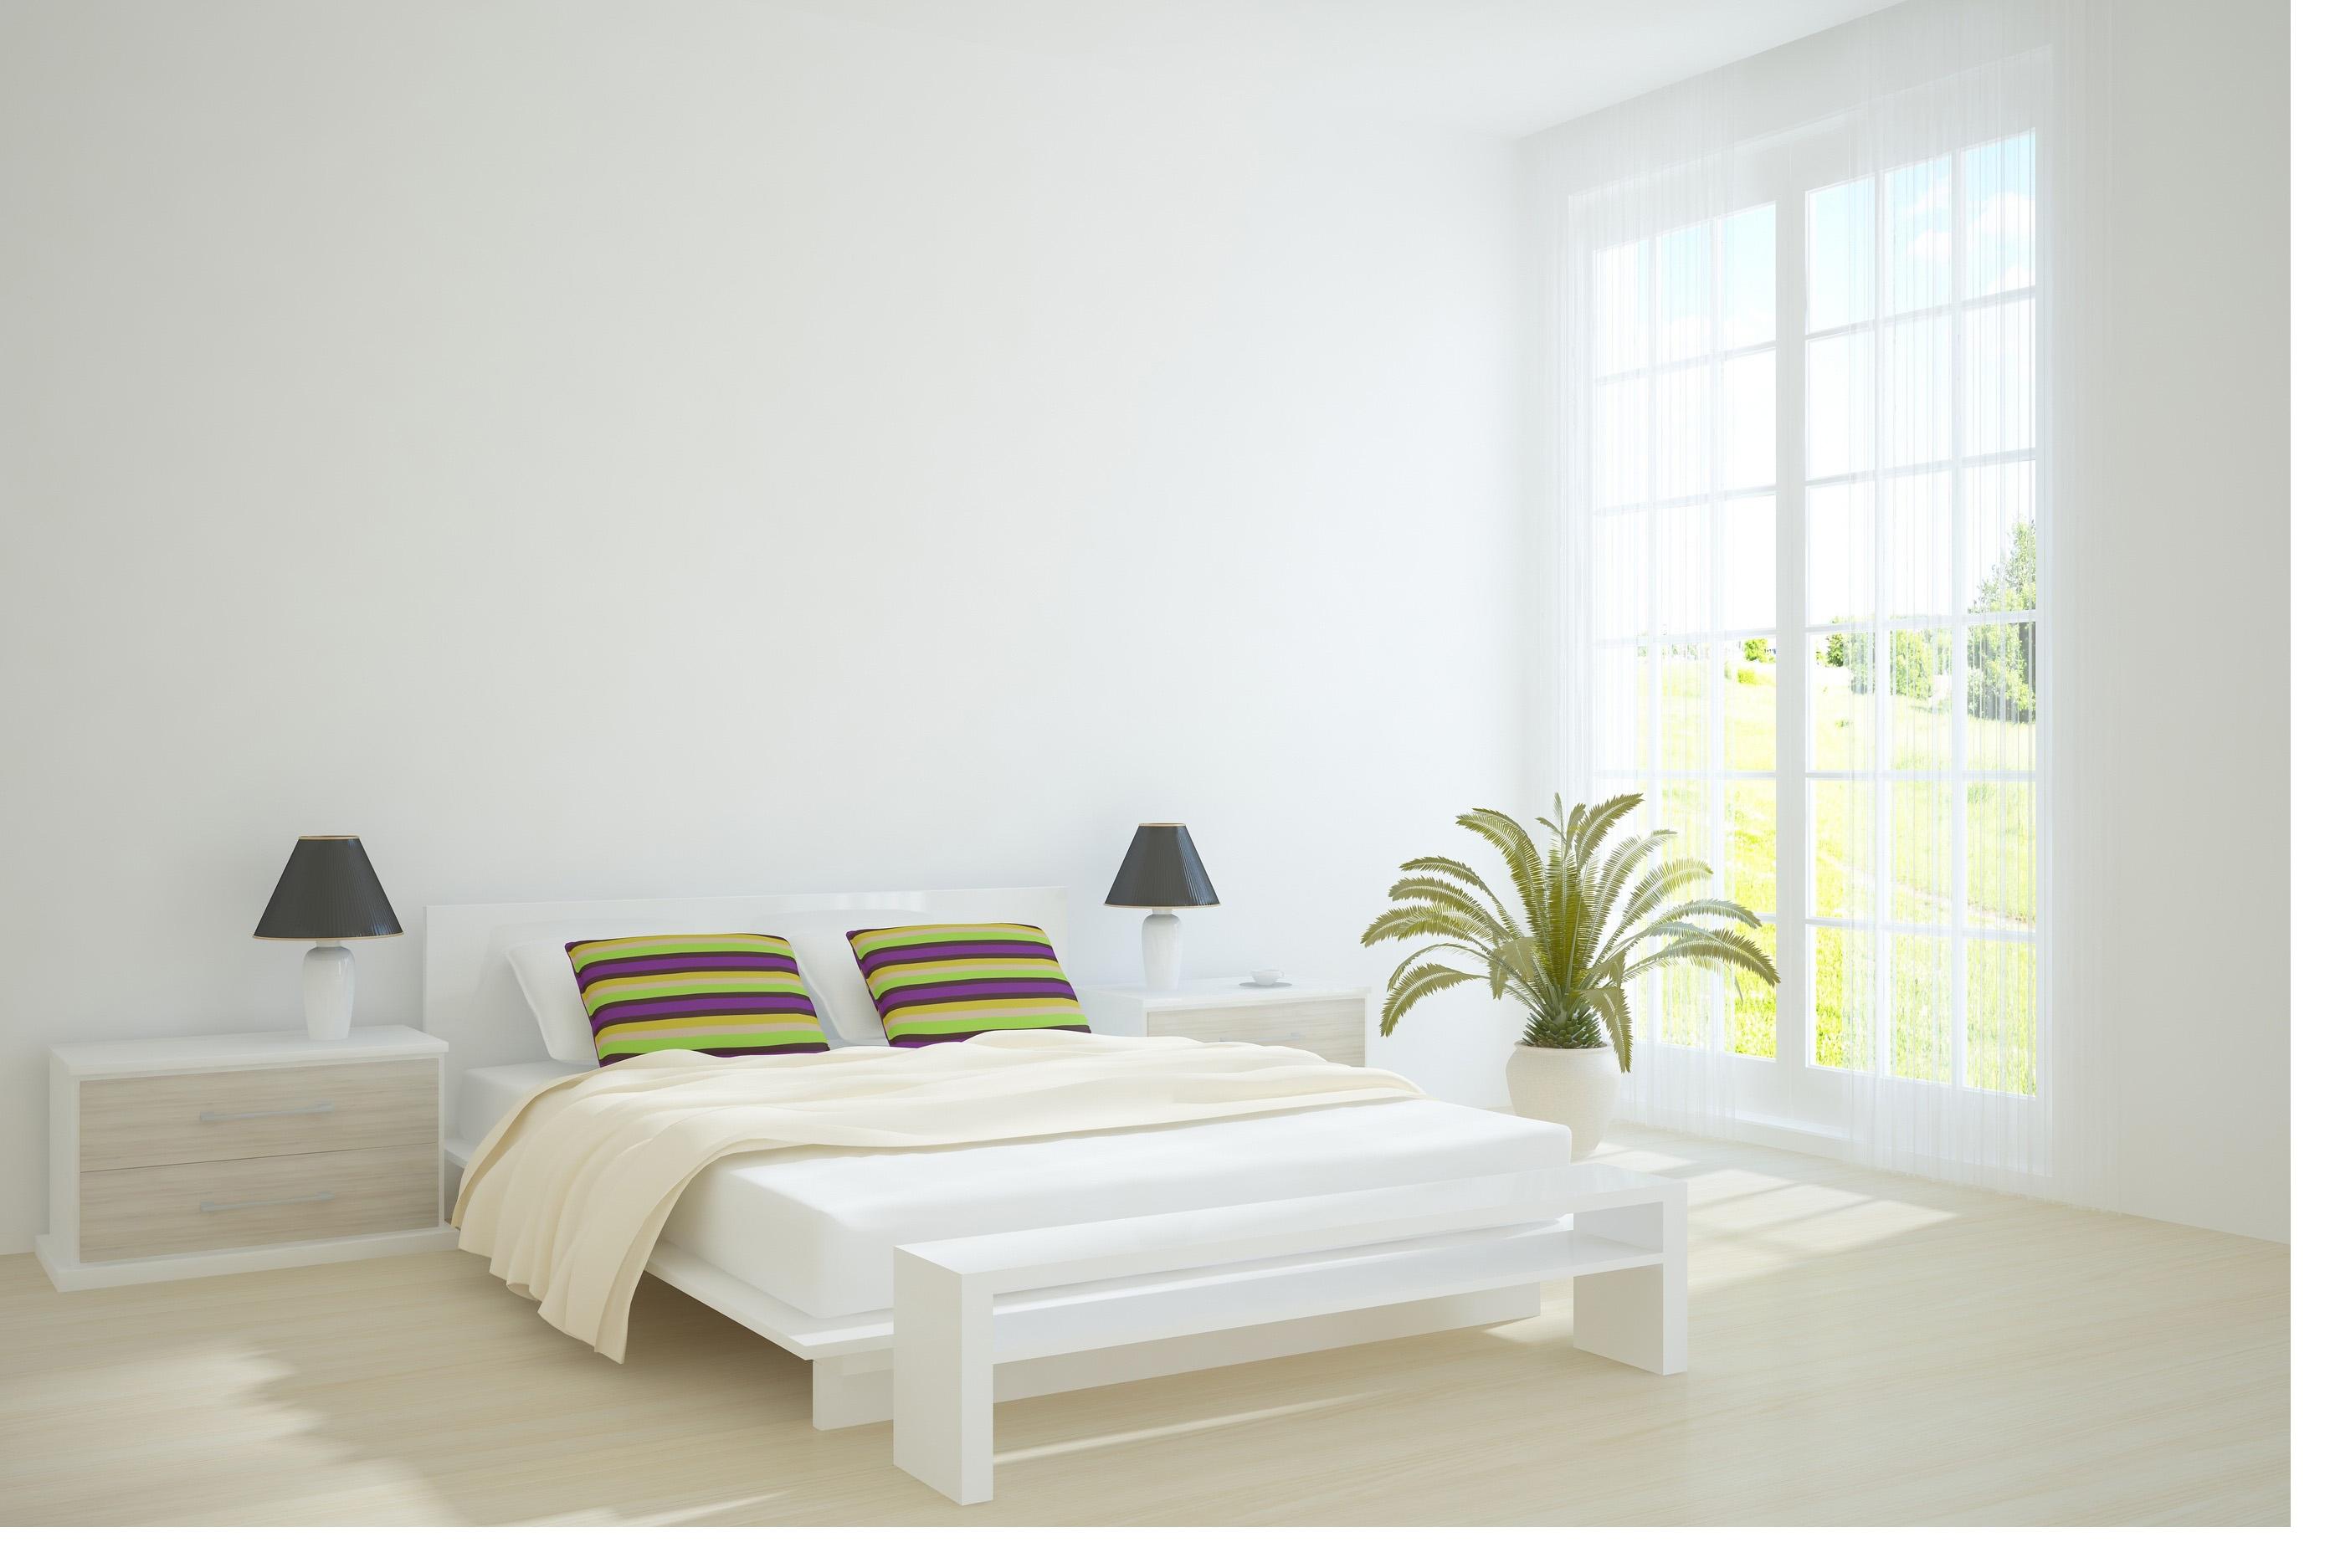 غرف نوم عرسان مودرن بيضاء اللون | المرسال